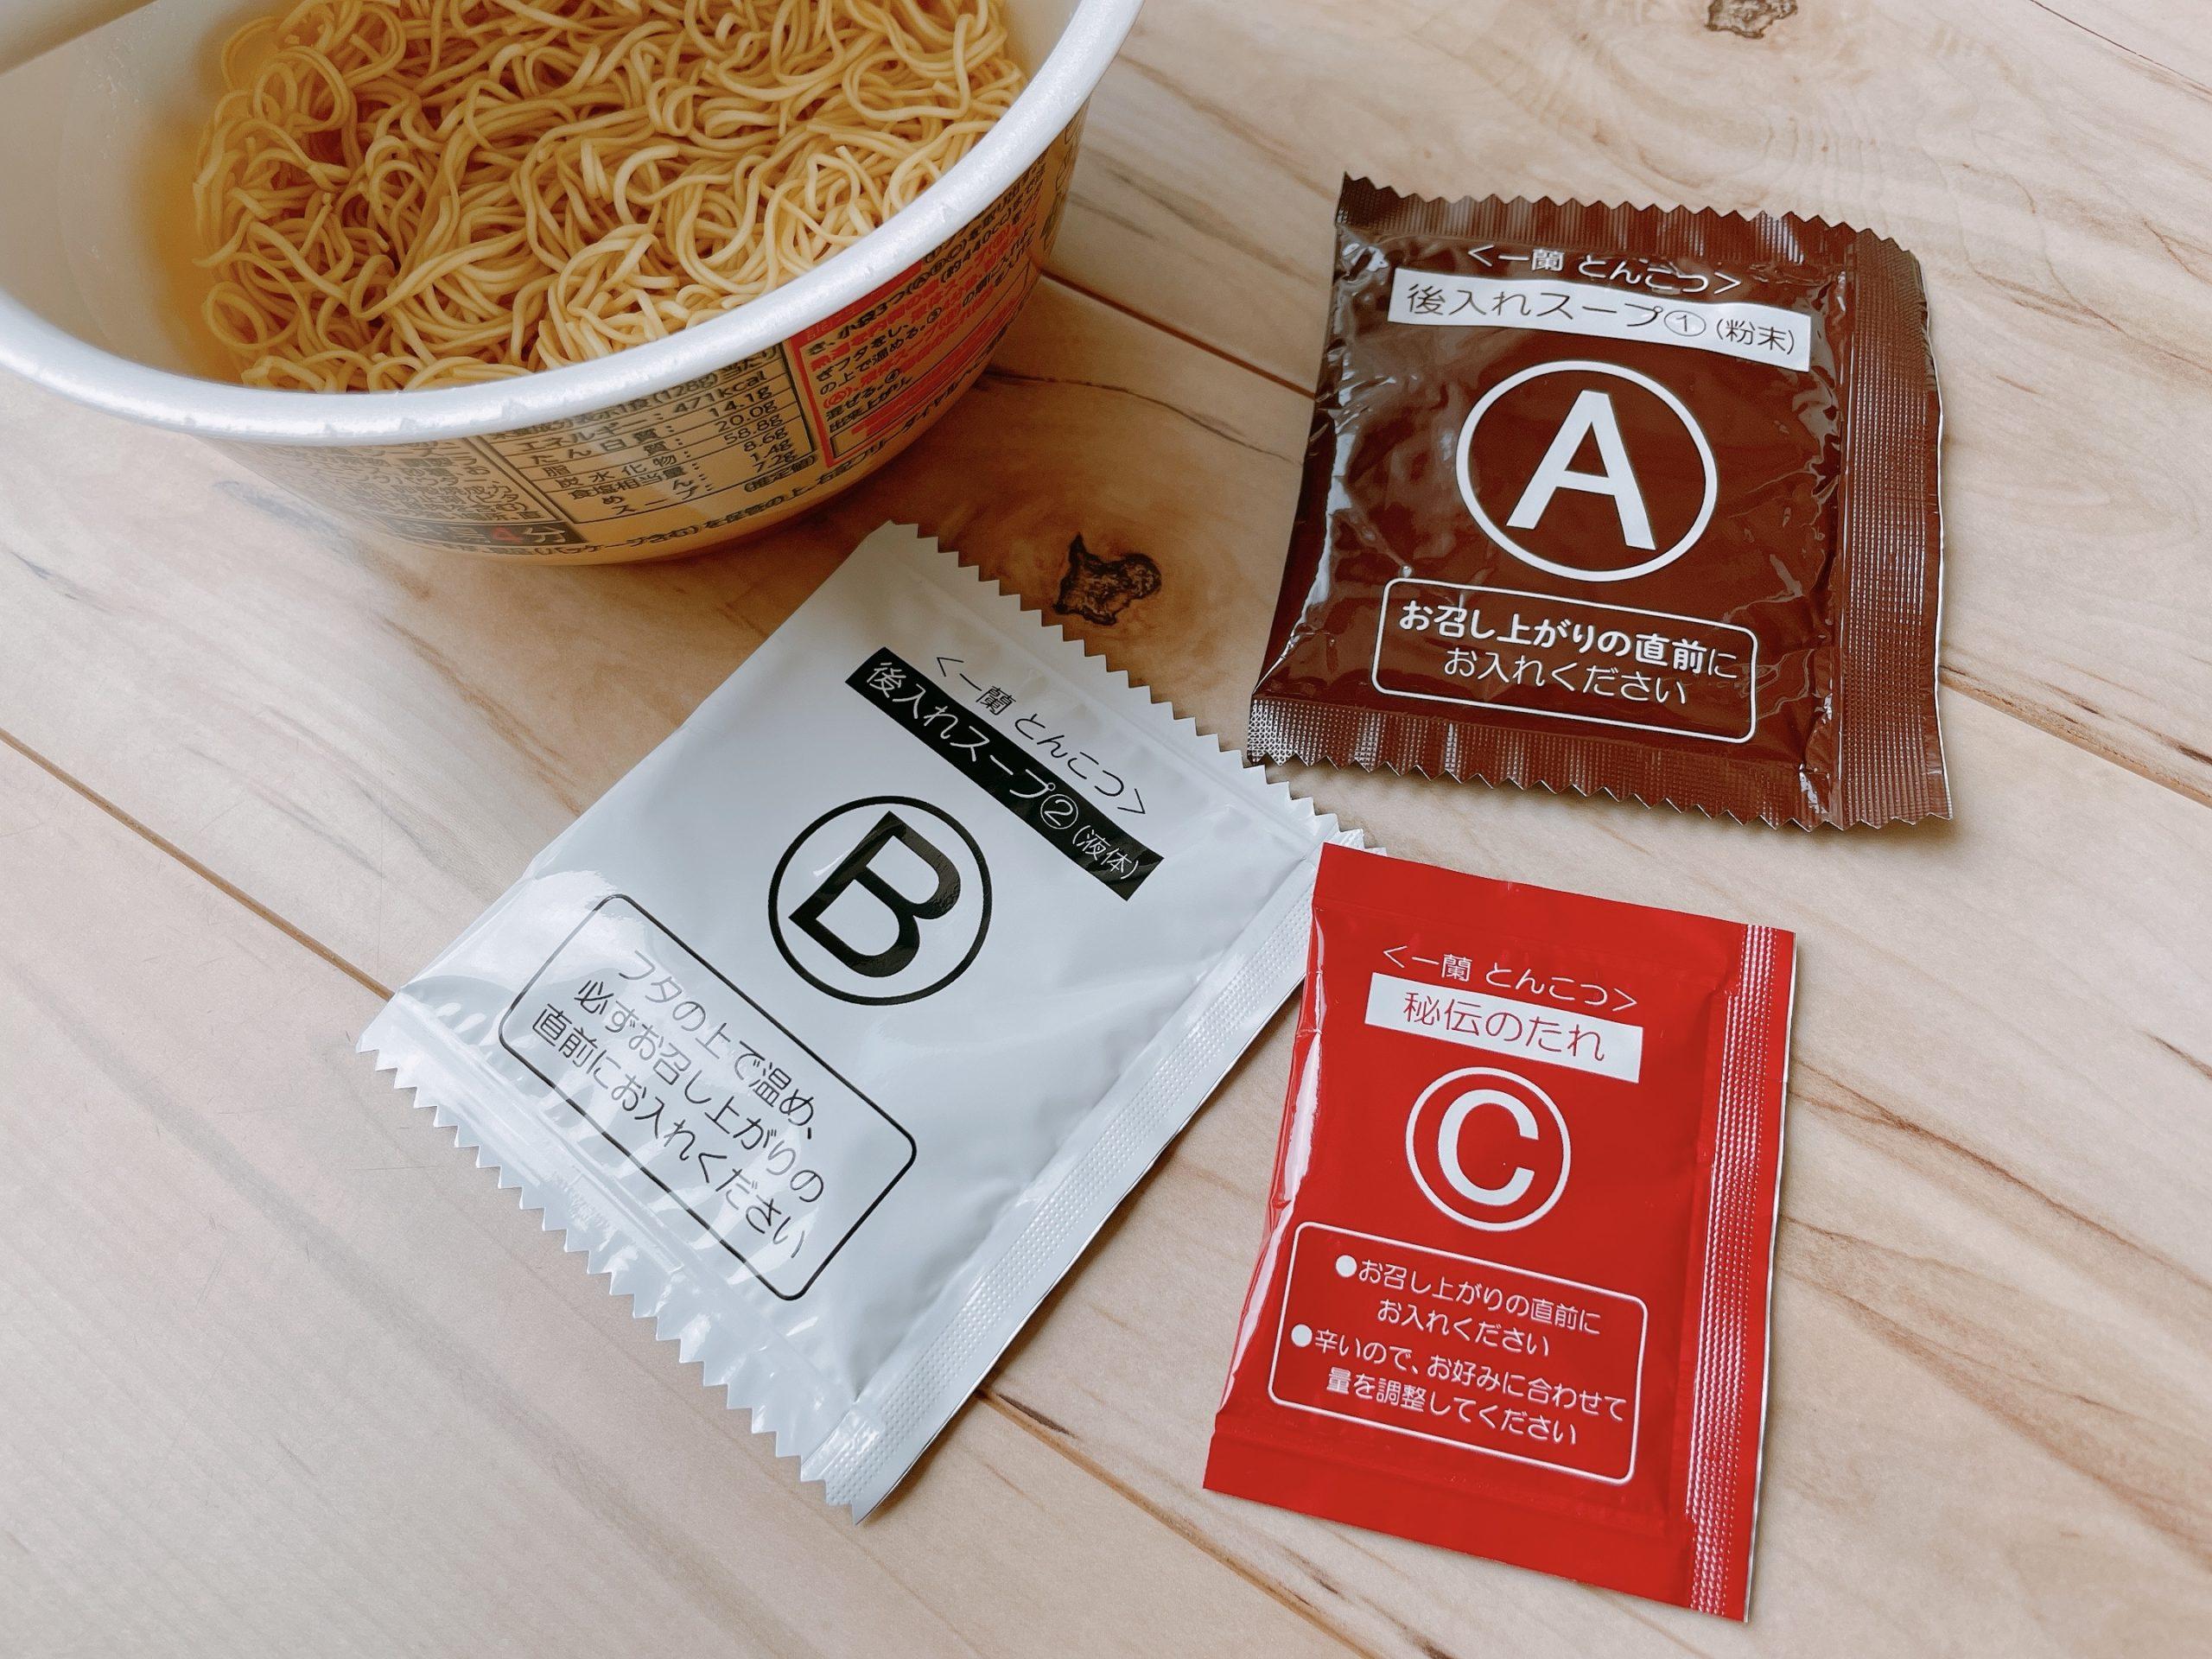 一蘭カップ麺の調味料